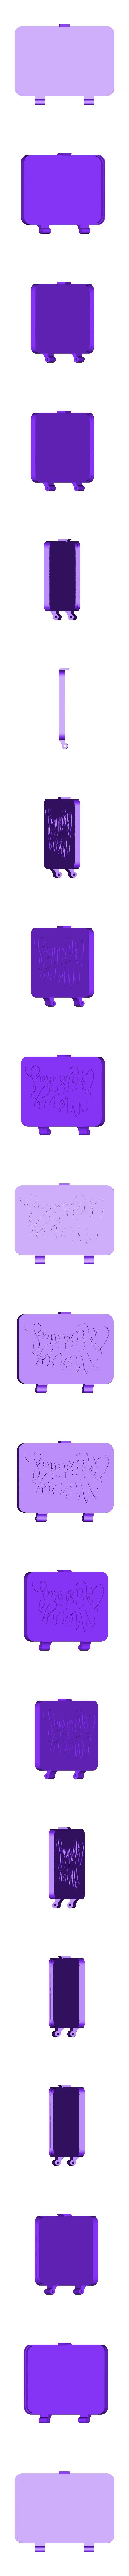 Xmas_lid.stl Télécharger fichier STL gratuit Noël en boîte • Design pour imprimante 3D, CheesmondN